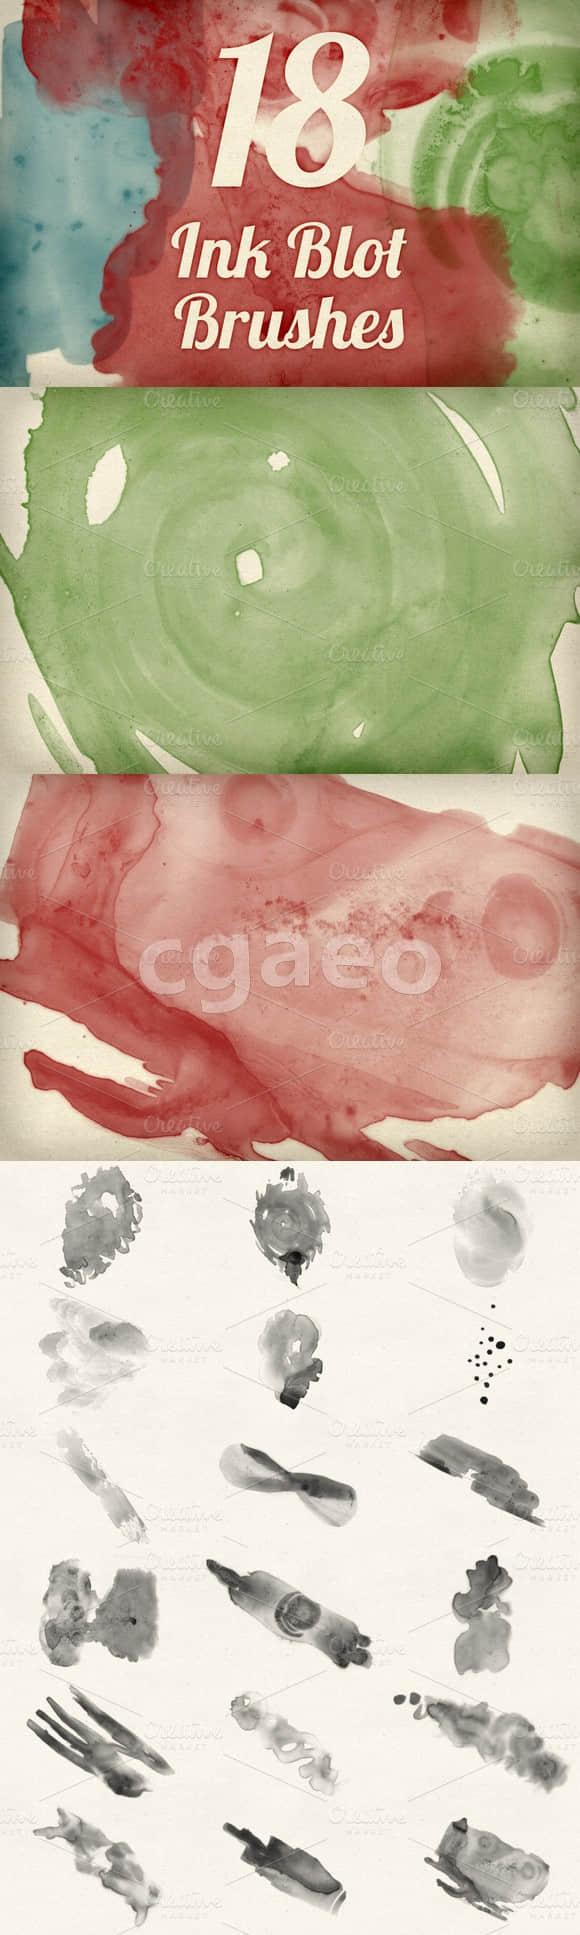 18种水墨水彩绘图PS水粉笔刷 水粉笔刷 水彩笔刷 水墨笔刷  photoshop brush